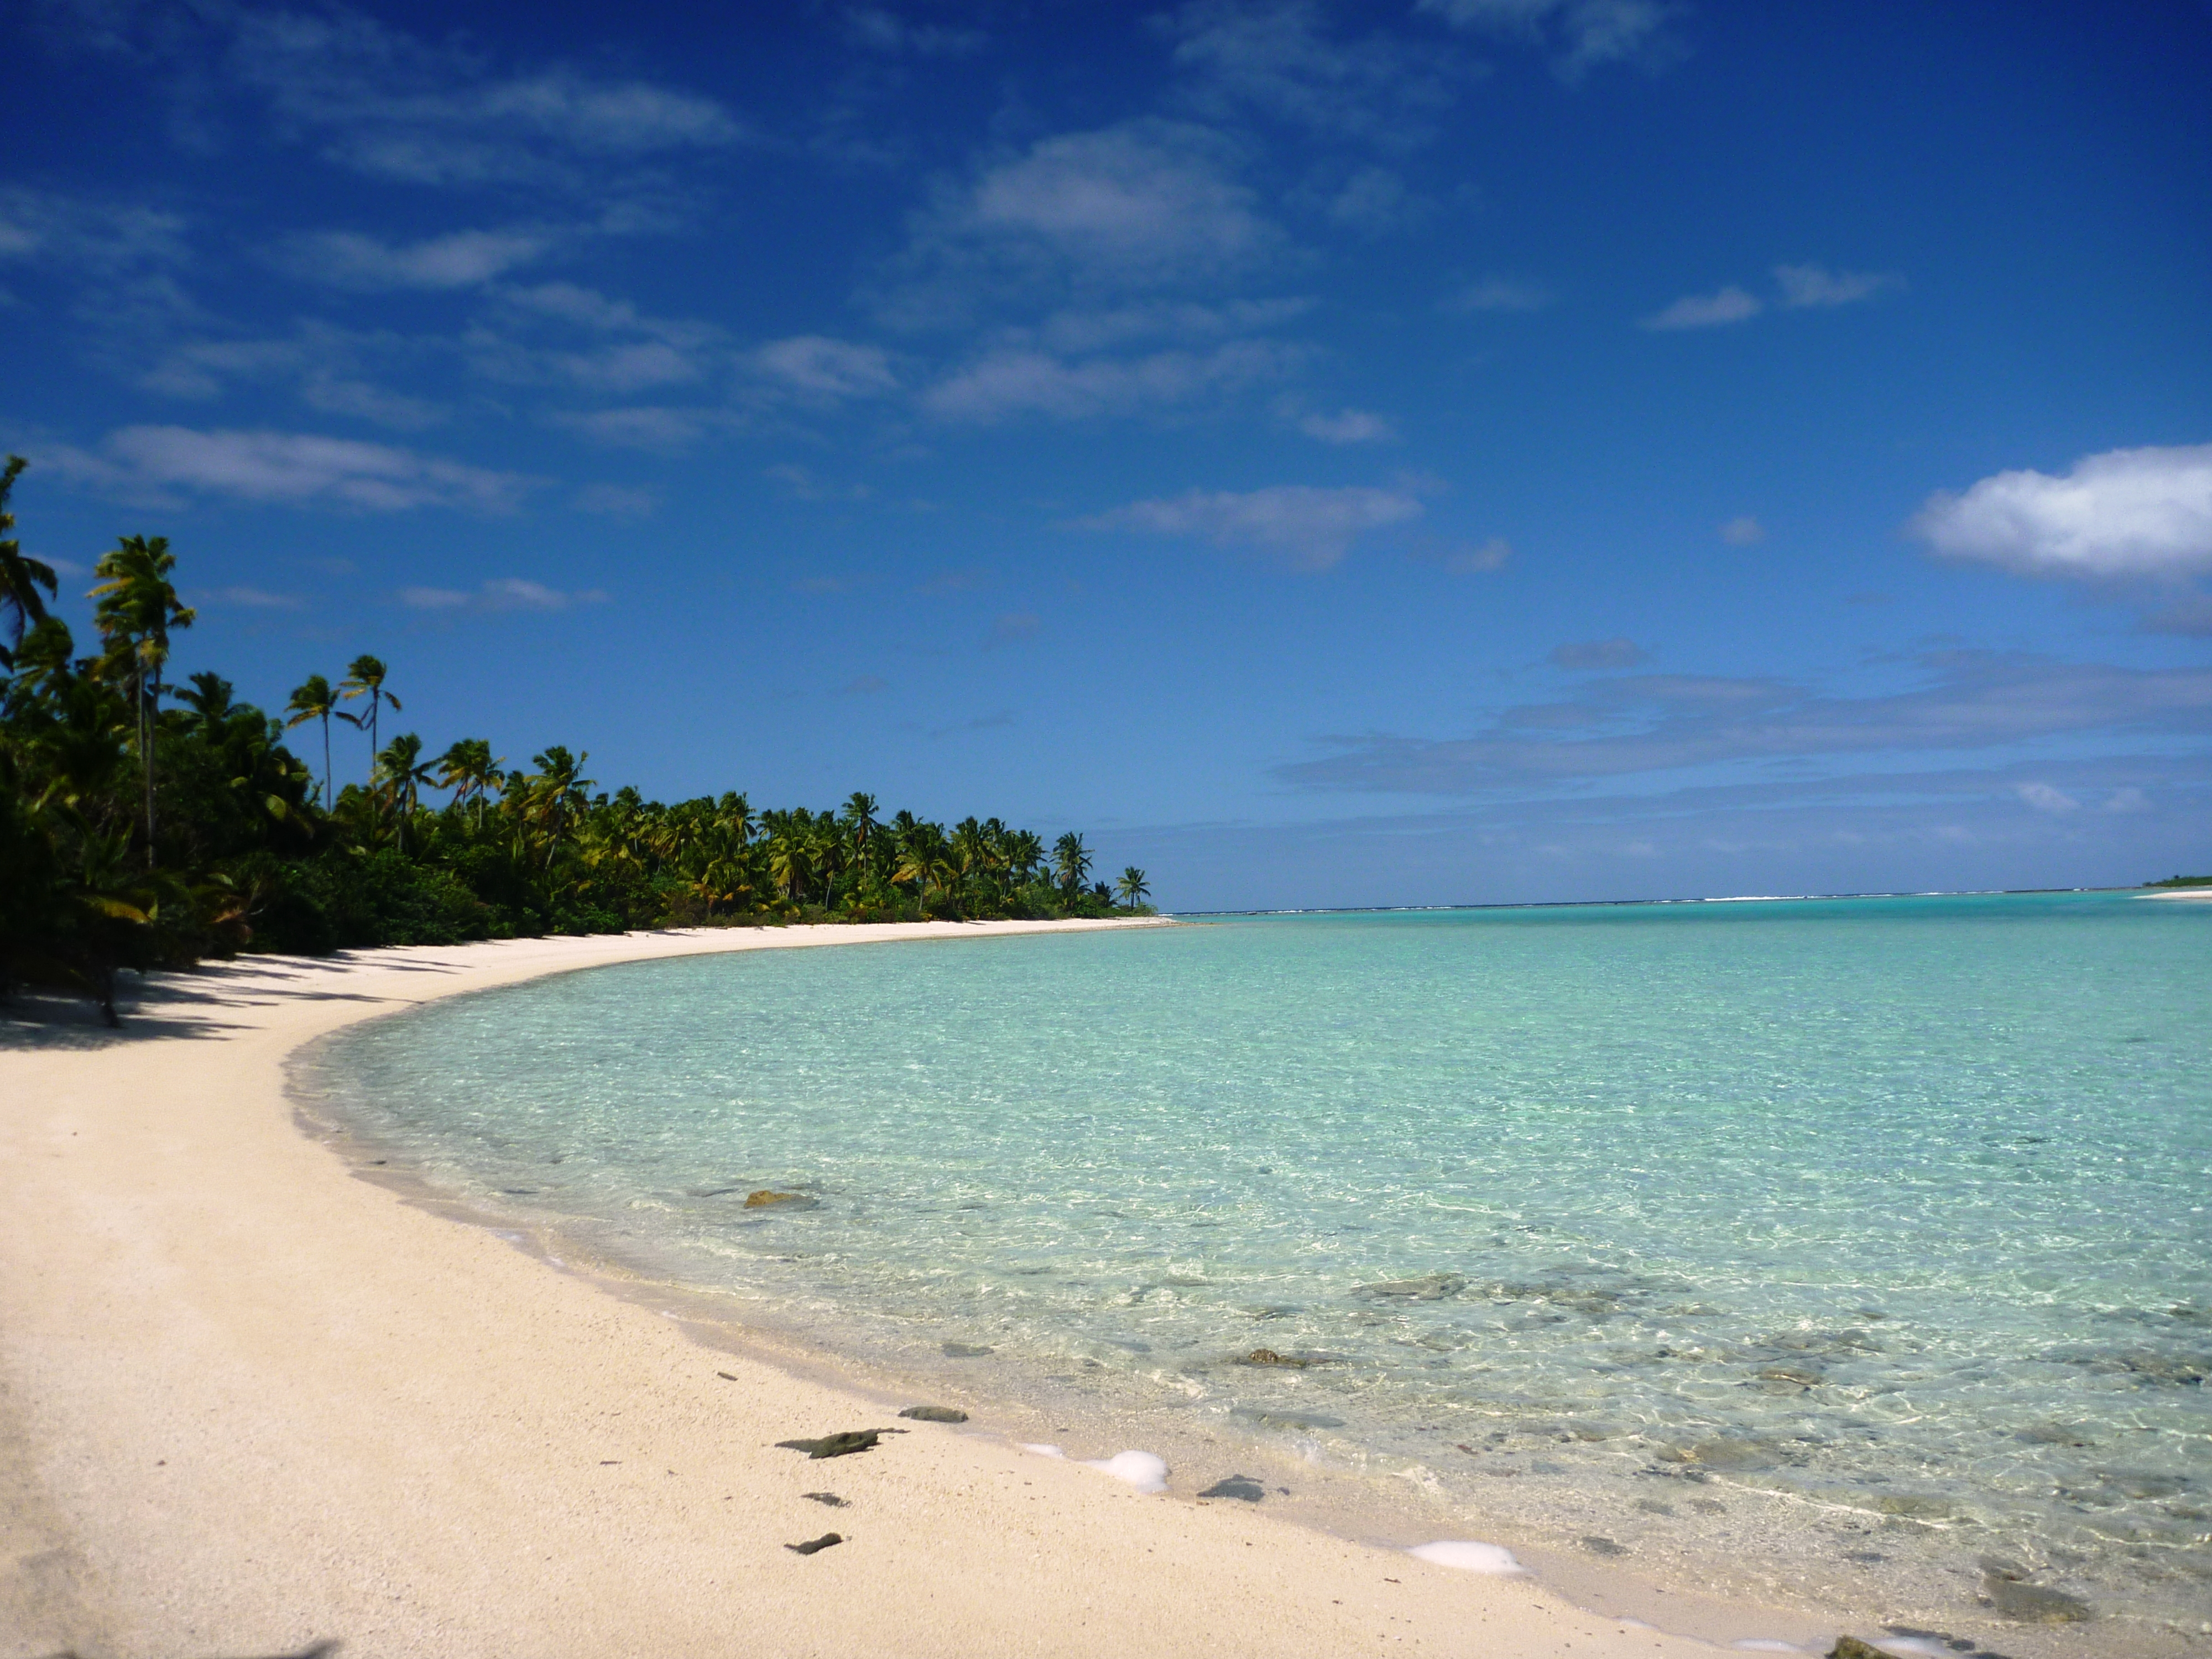 地上最後の楽園、クック諸島!普通の南の島では絶対に見れない絶景ビーチと島の魅力